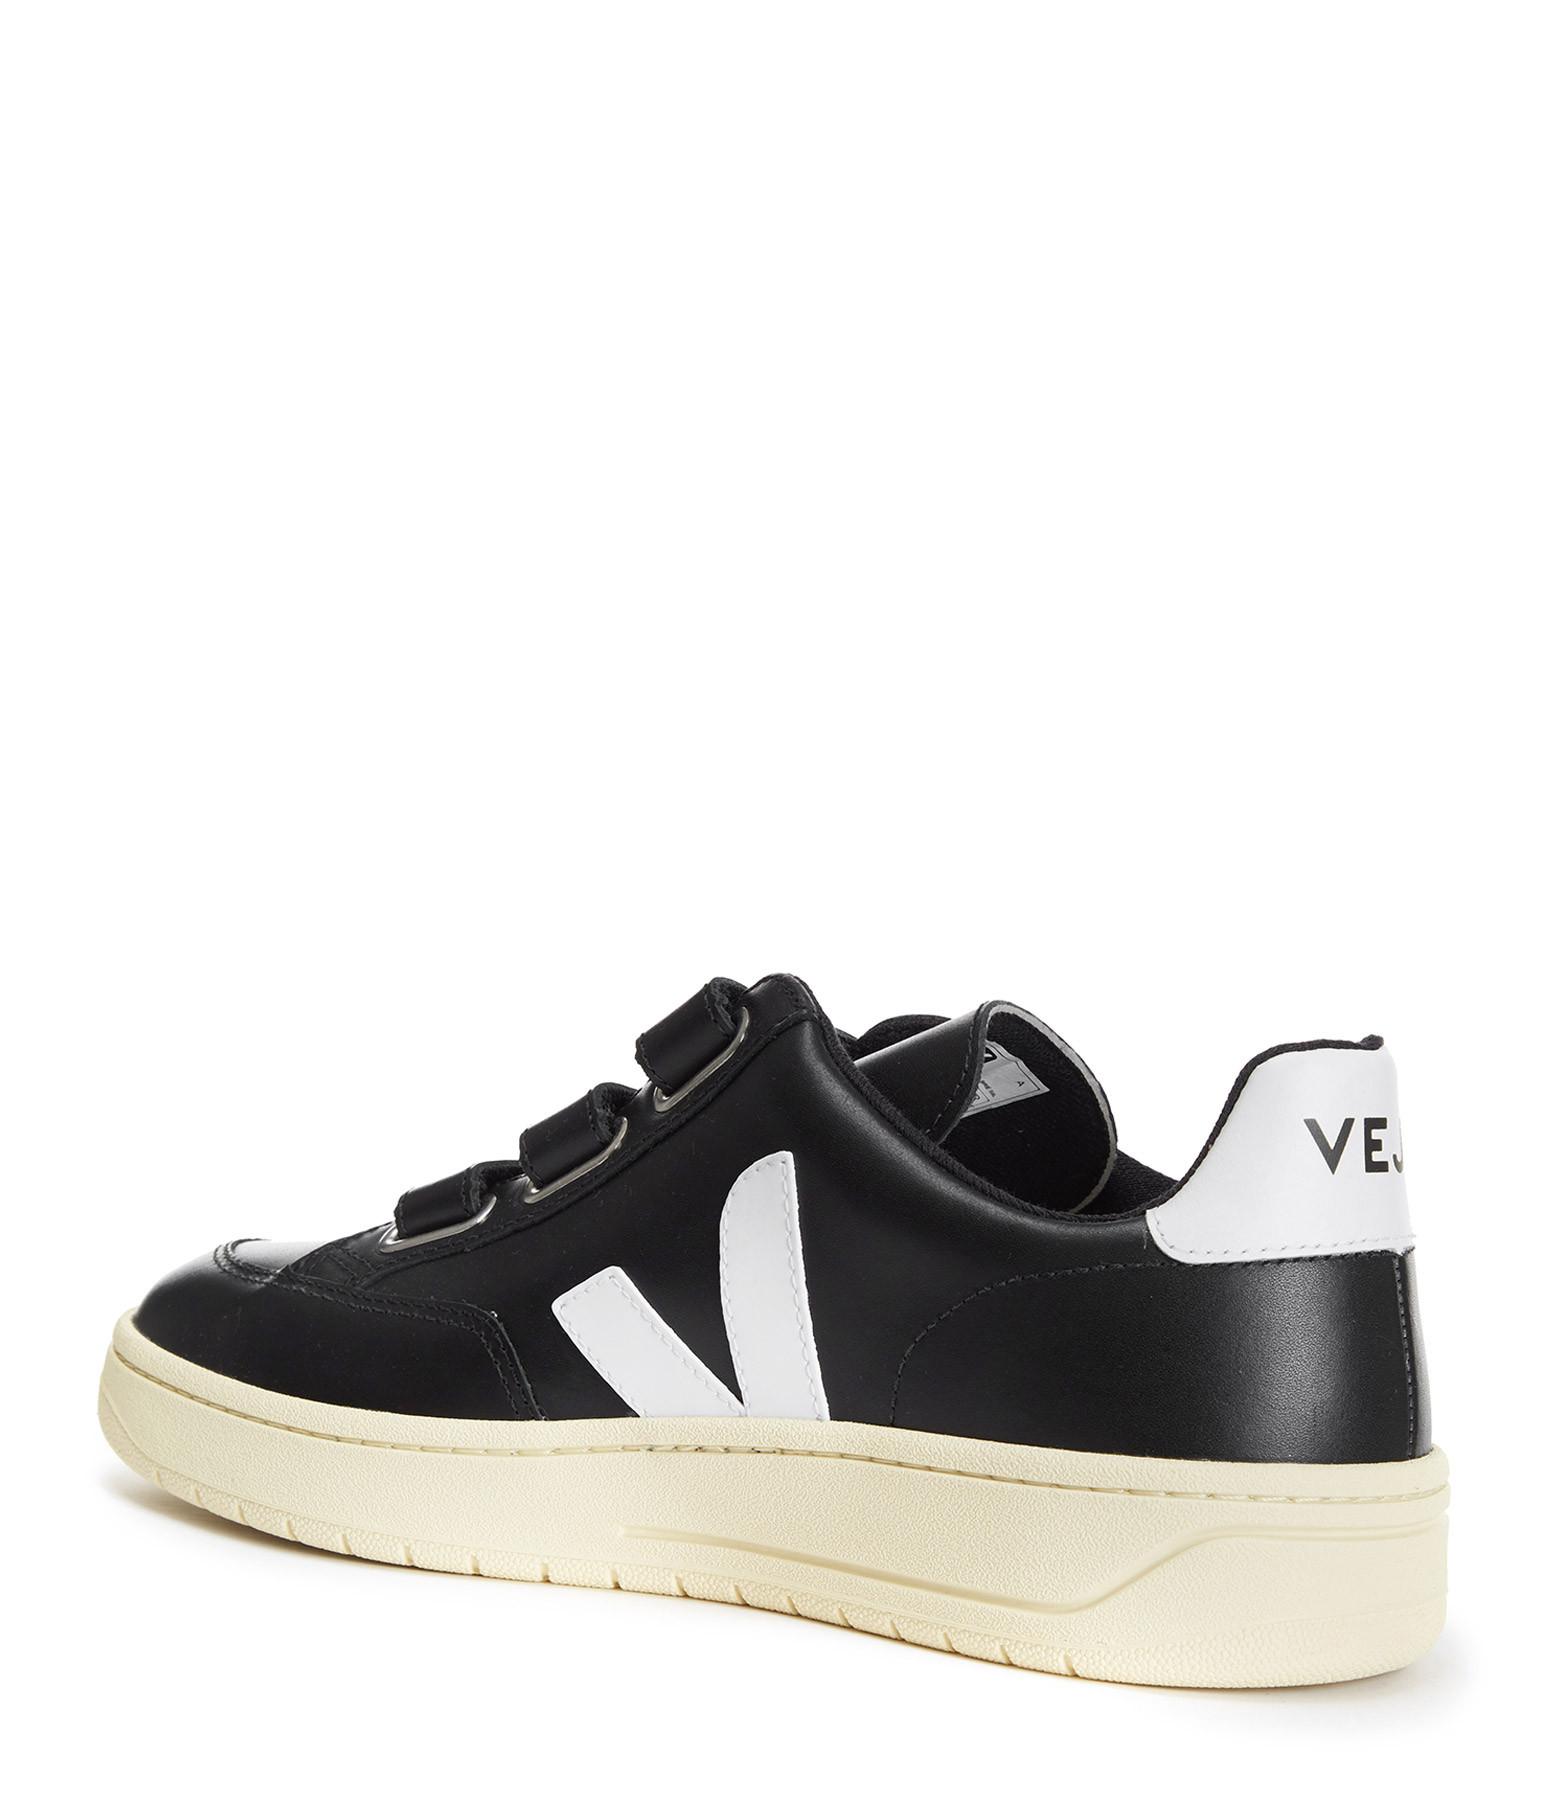 VEJA - Baskets V-Lock Cuir Noir Blanc